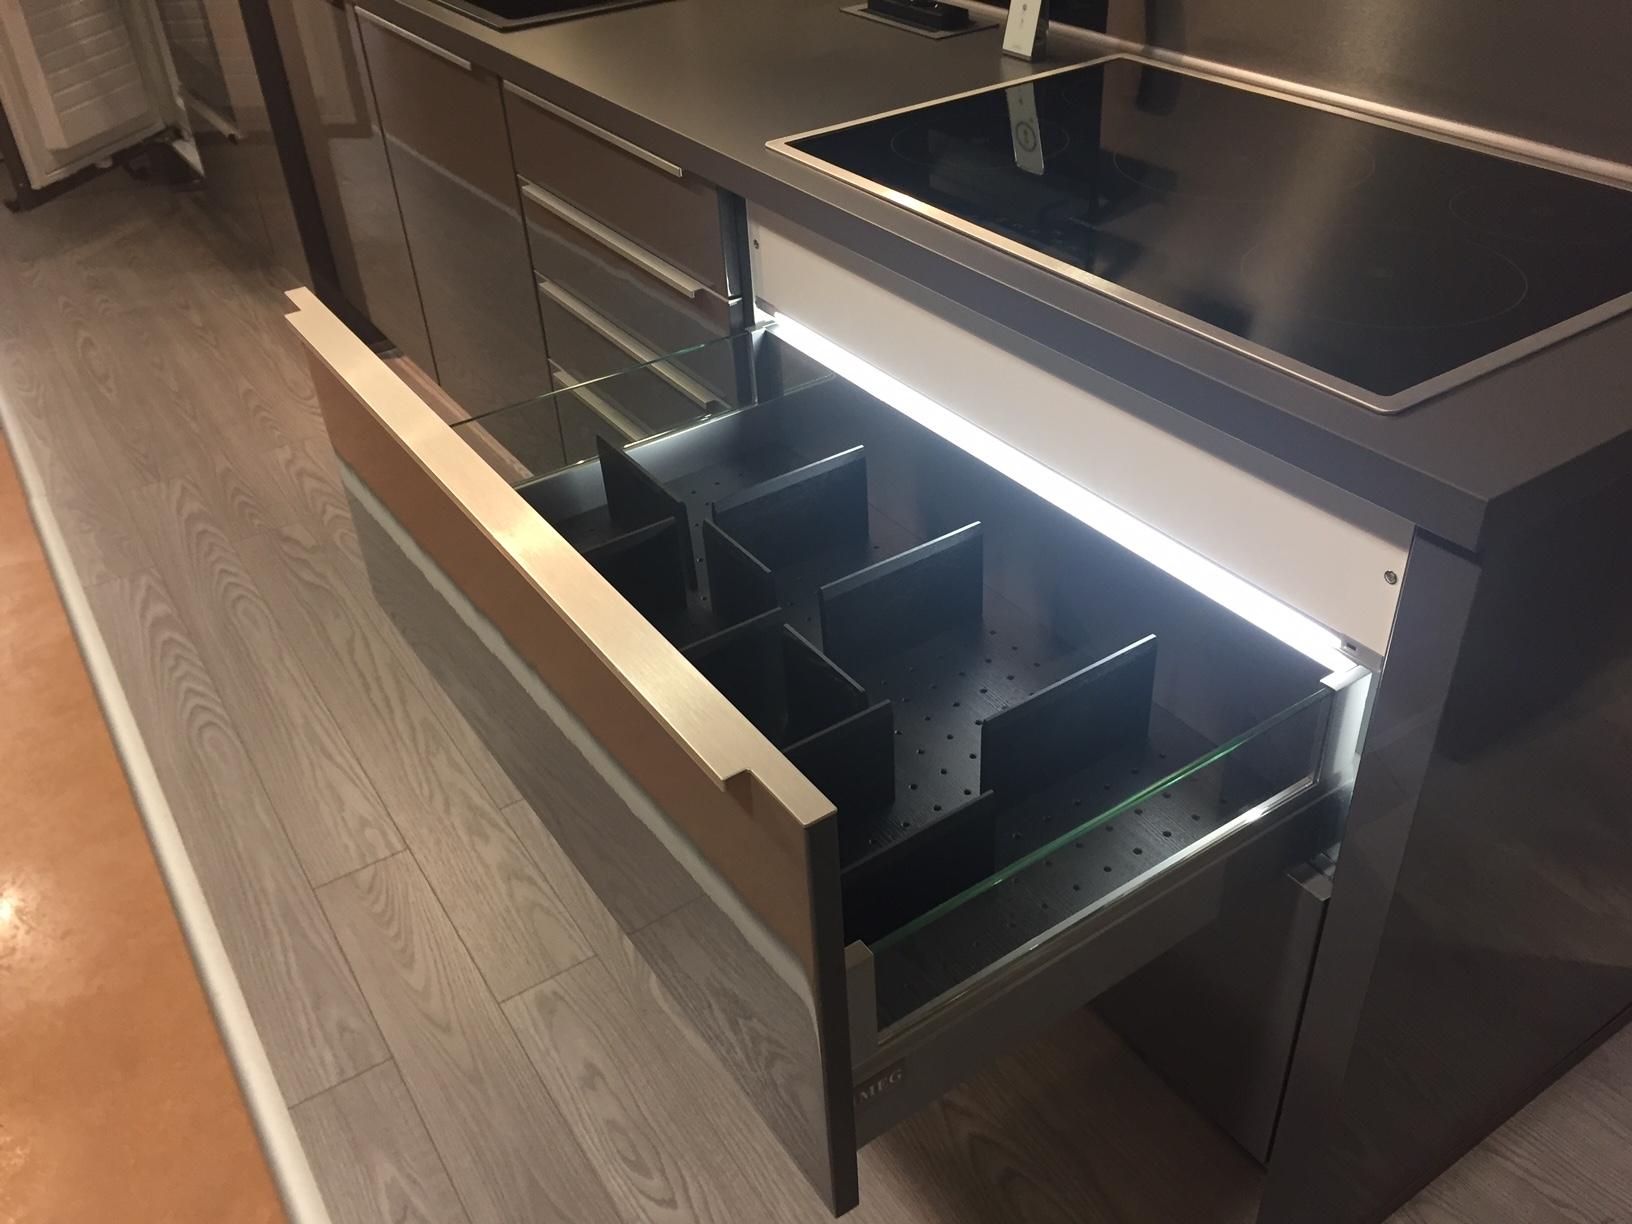 Cucina lineare a prezzi scontati cucine a prezzi scontati - Alno cucine prezzi ...